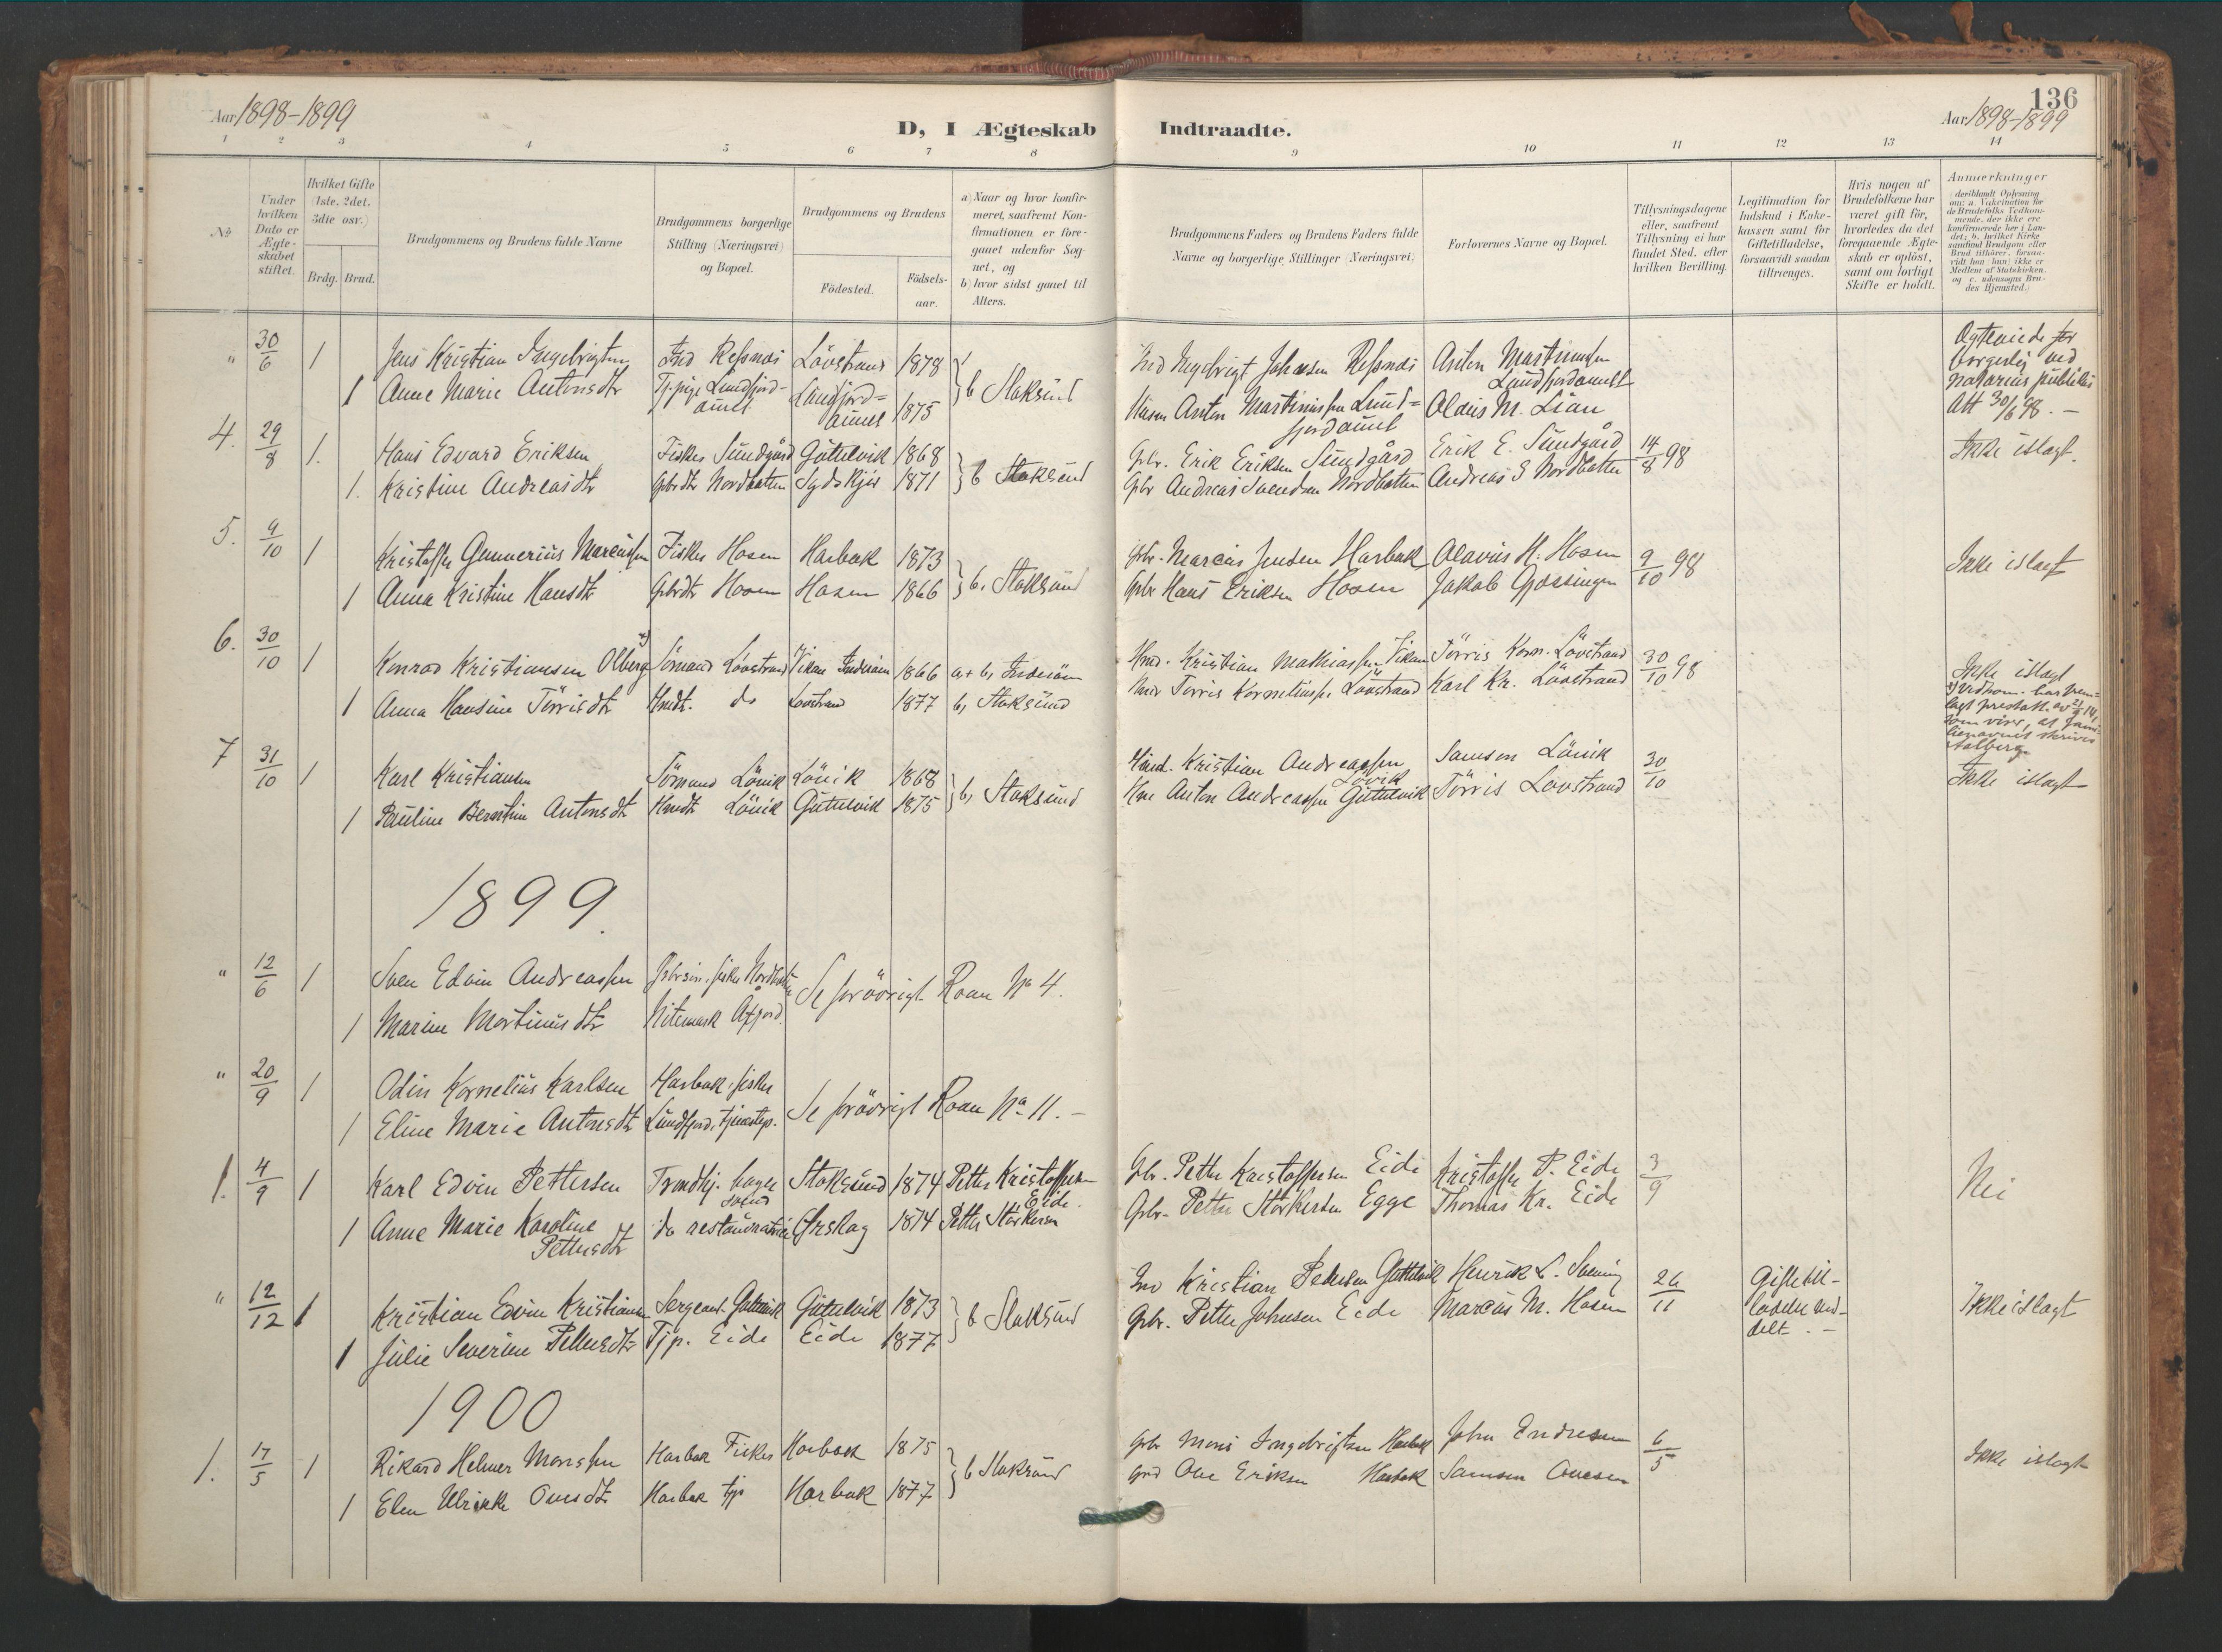 SAT, Ministerialprotokoller, klokkerbøker og fødselsregistre - Sør-Trøndelag, 656/L0693: Ministerialbok nr. 656A02, 1894-1913, s. 136